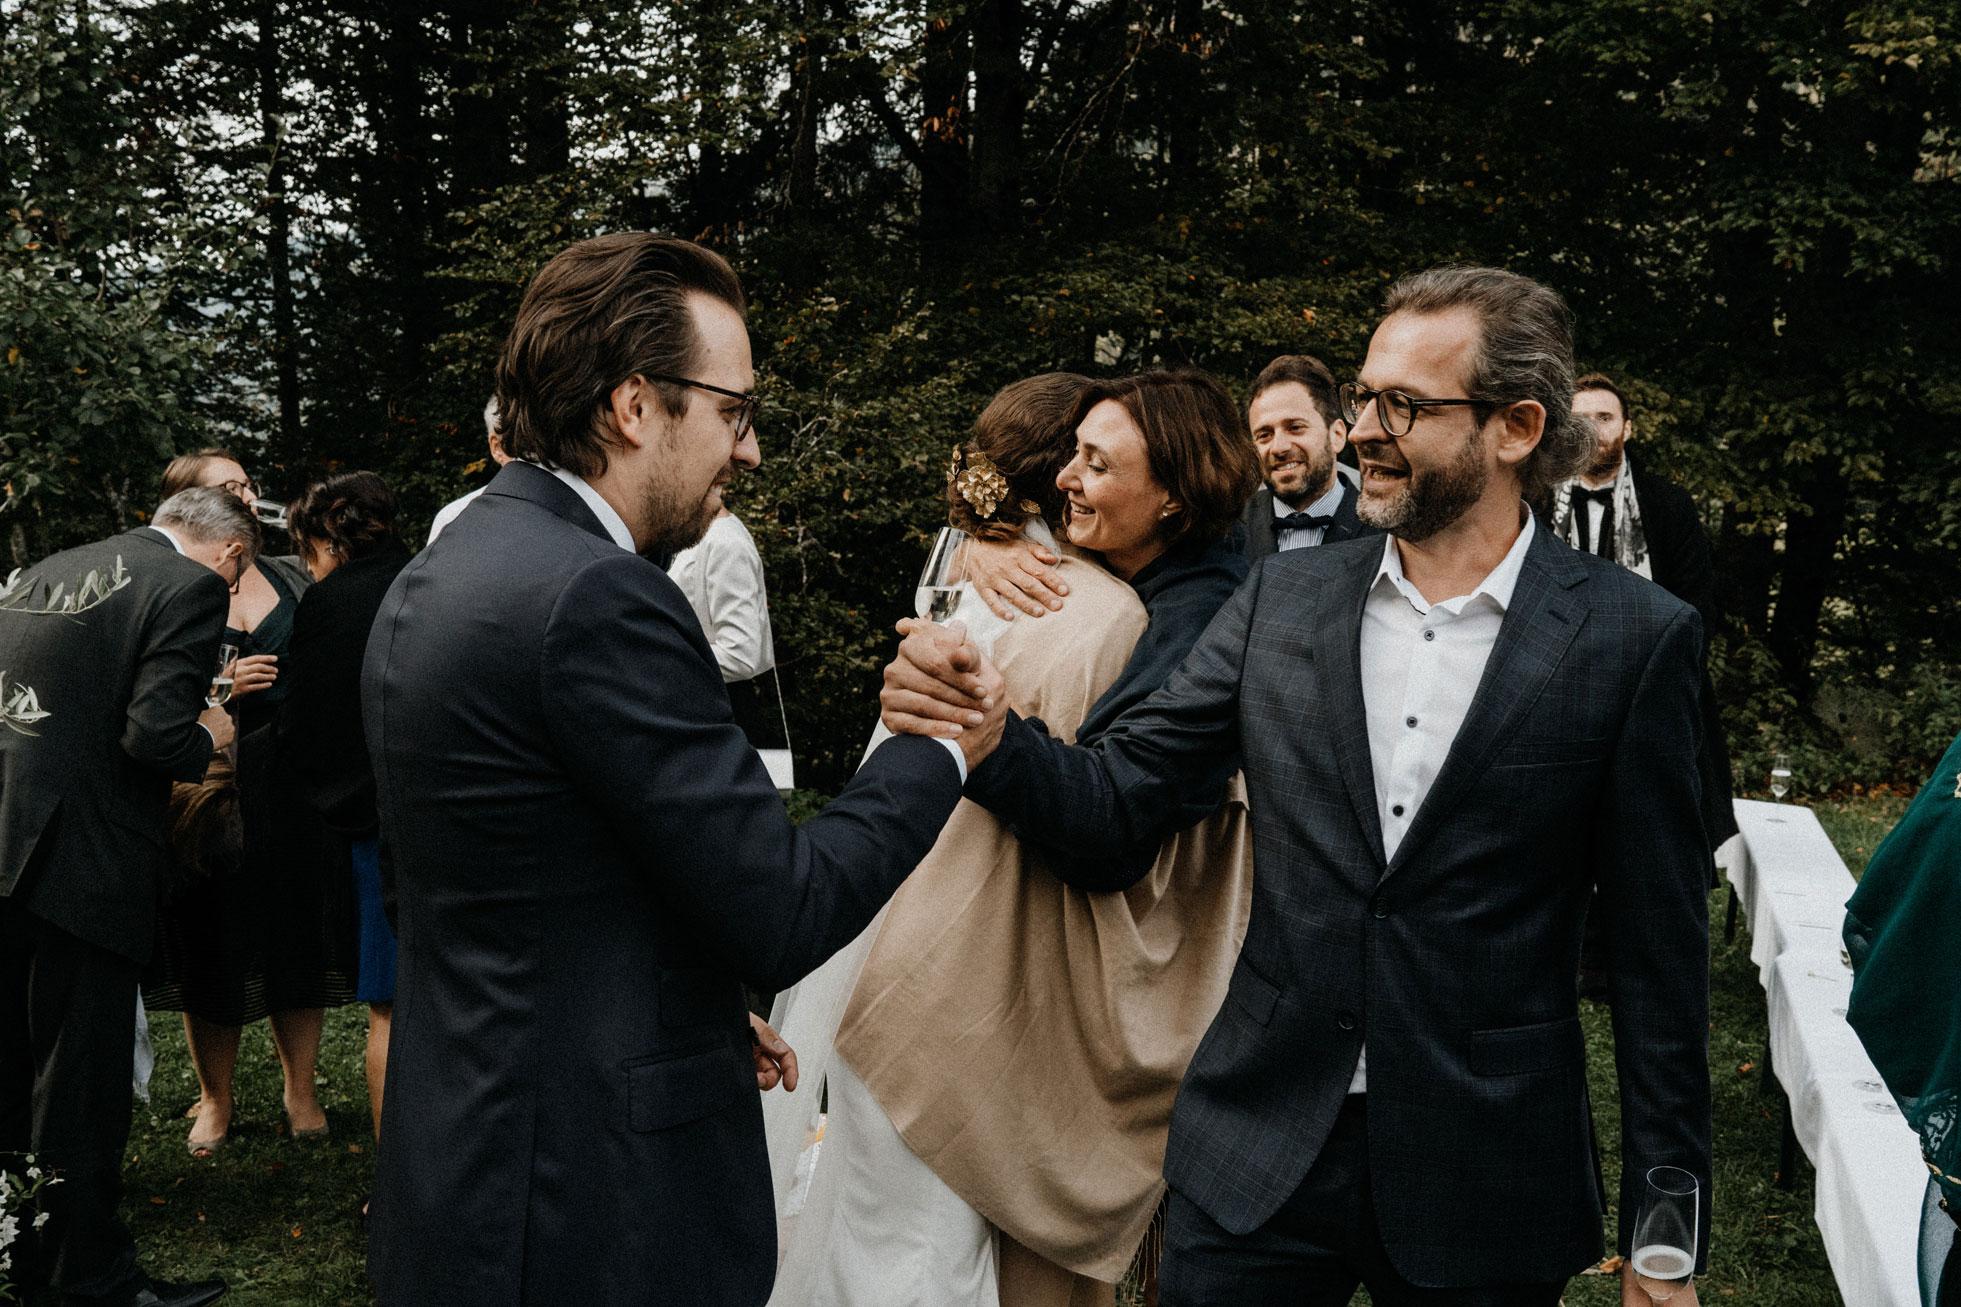 Hochzeit_Claire_Manuel_Villa_Maund_Daniel_Jenny-279.jpg